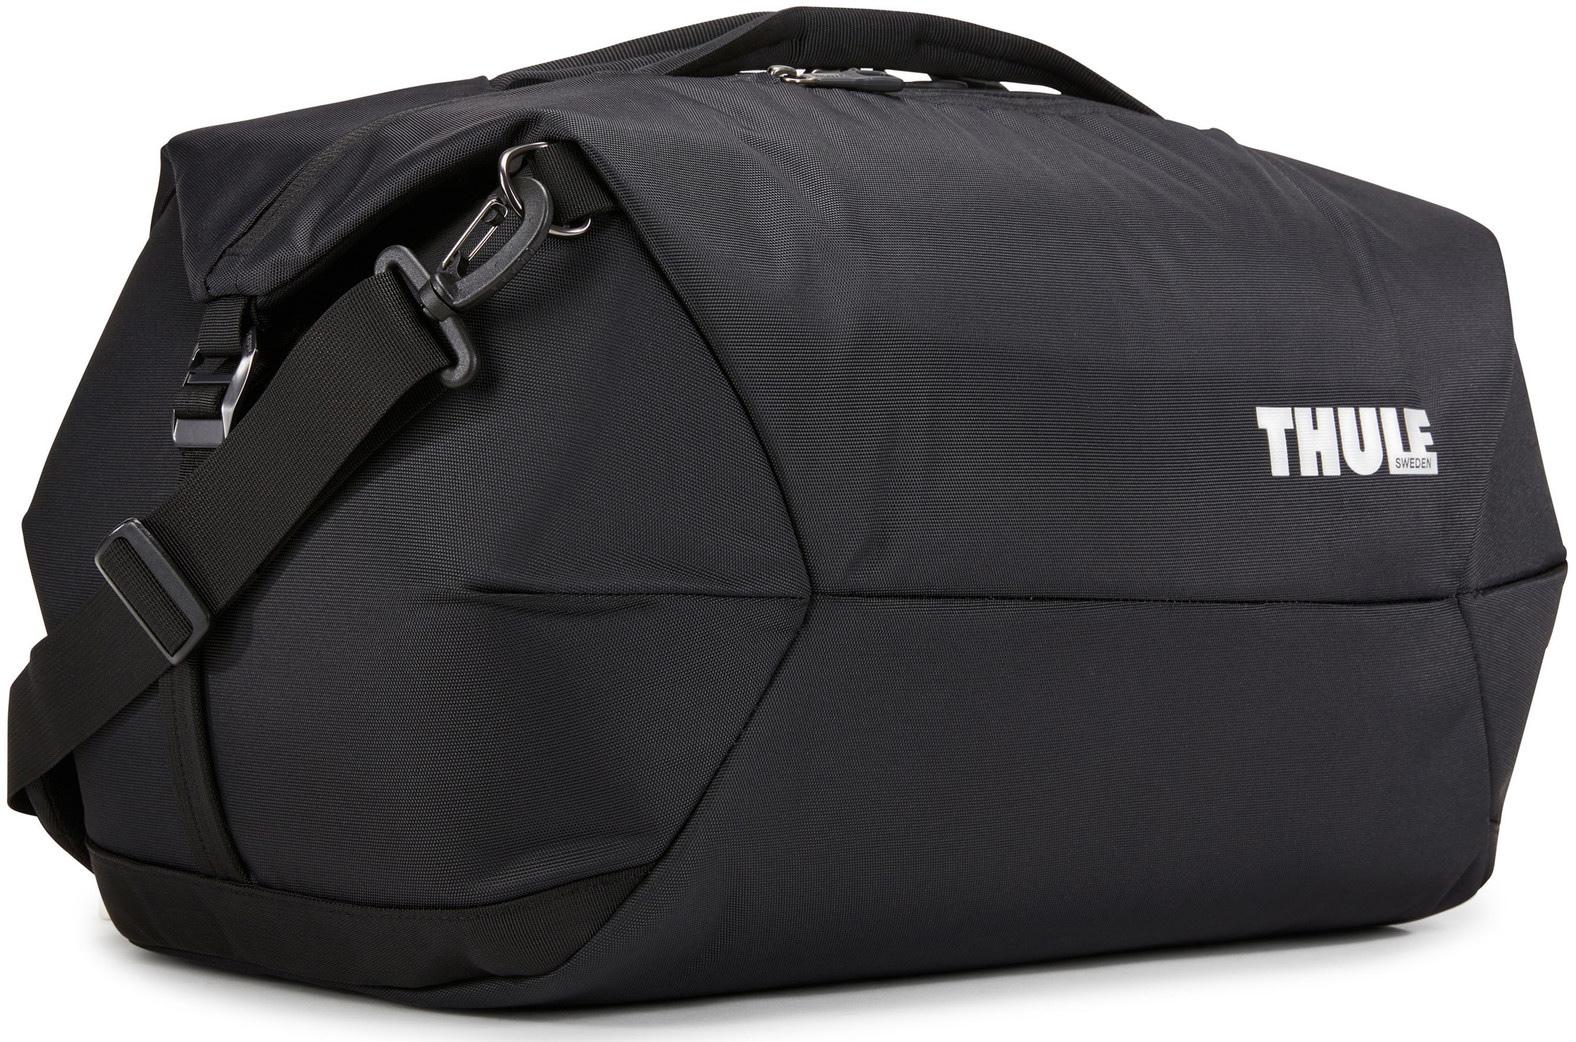 Дорожные сумки для путешествий, спортивные сумки-баулы Thule Сумка-Баул Thule Subterra Weekender Duffel 45L 3204025.jpg